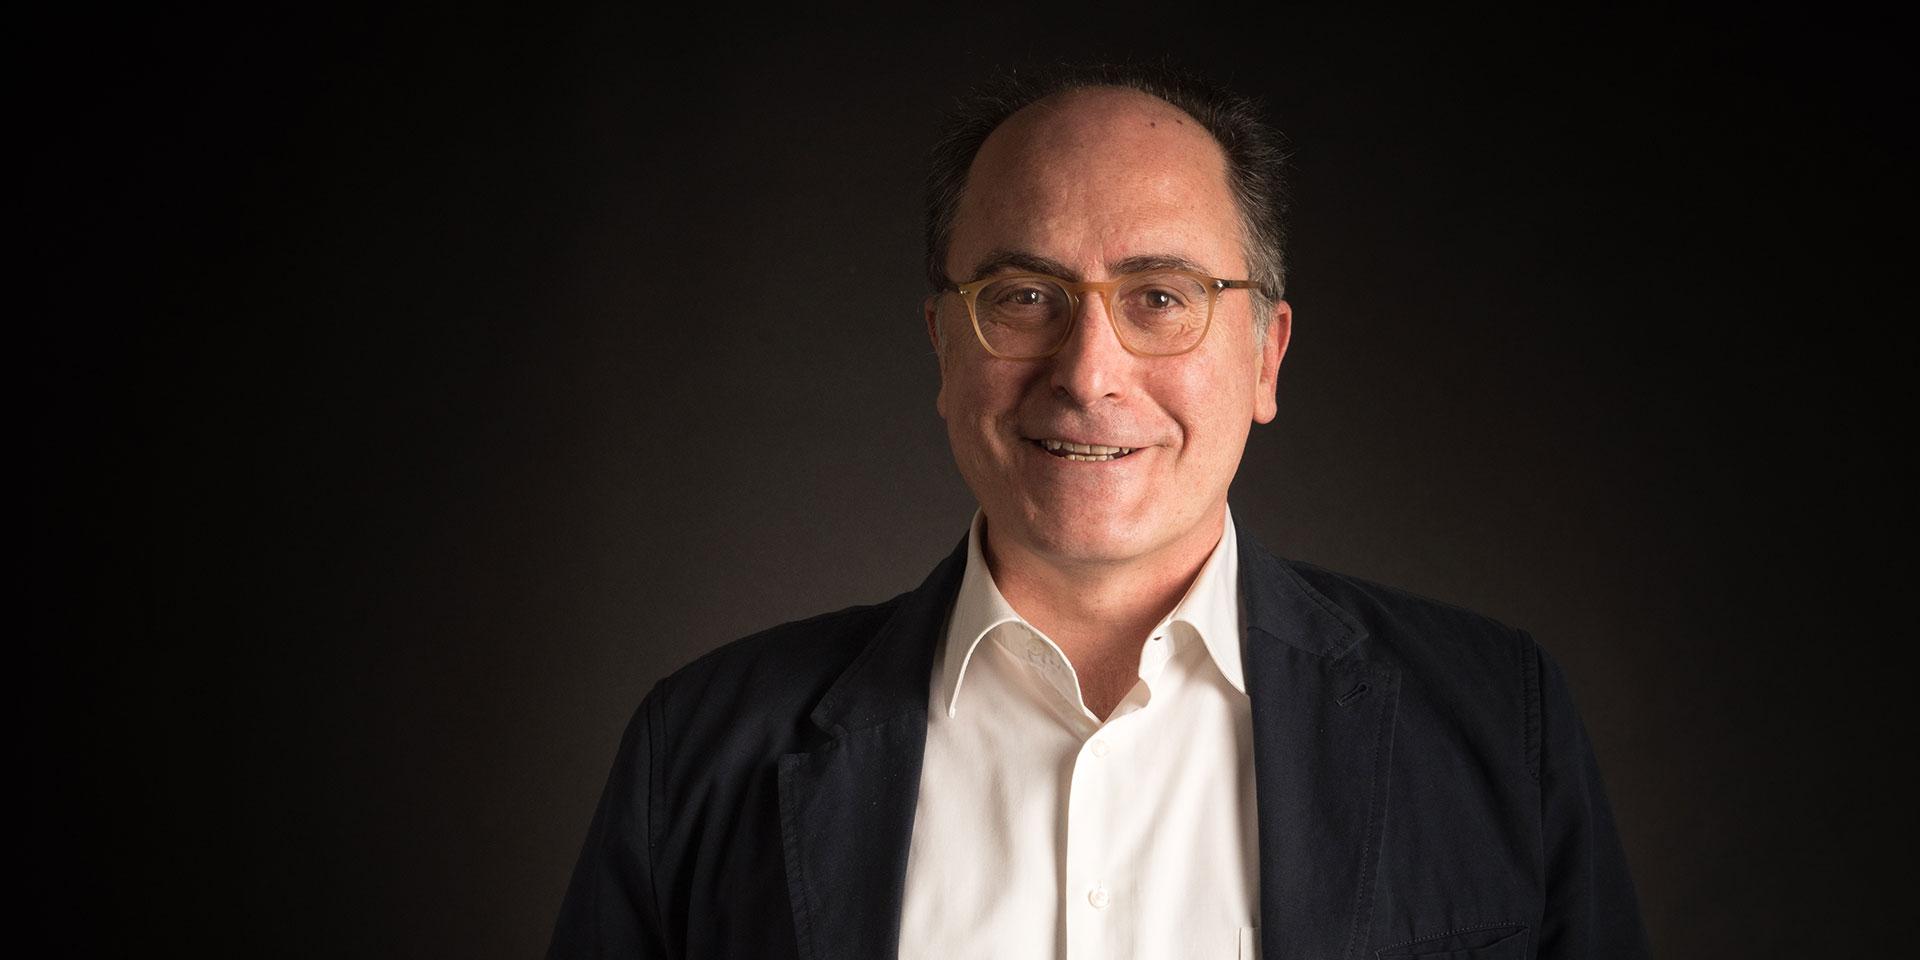 Philippe Maitre, coach de vie à Paris